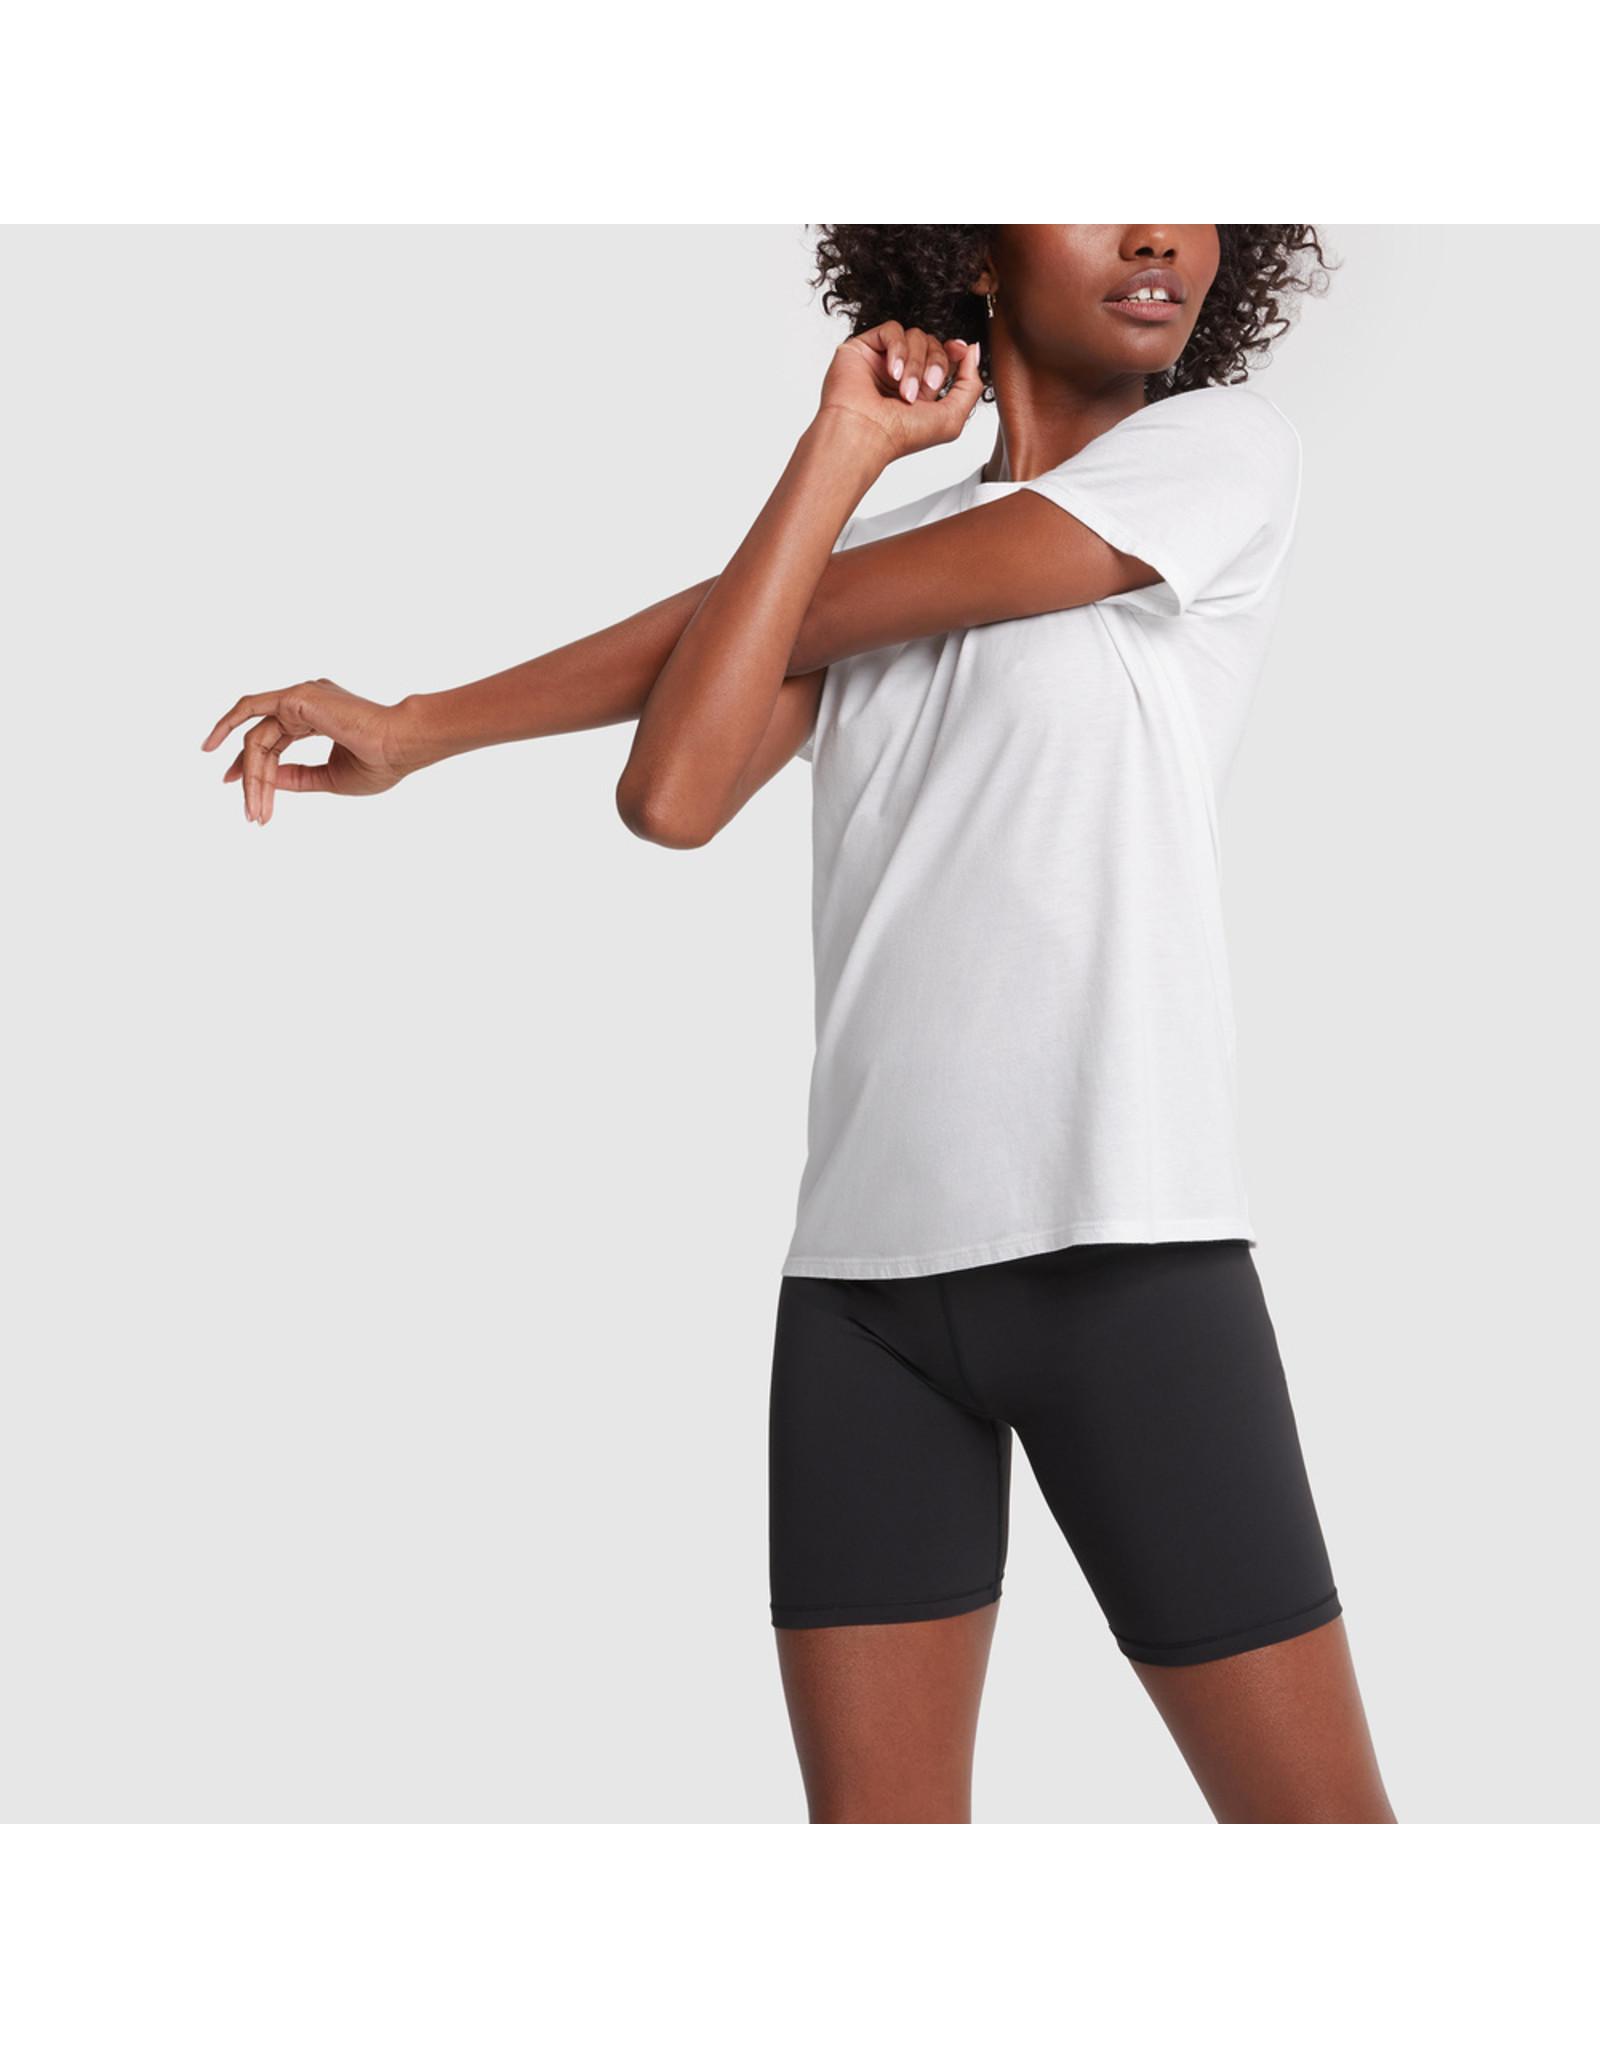 G. Sport x Proenza Schouler G. Sport x Proenza Schouler Lifestyle T-Shirt (Color: White, Size: L)